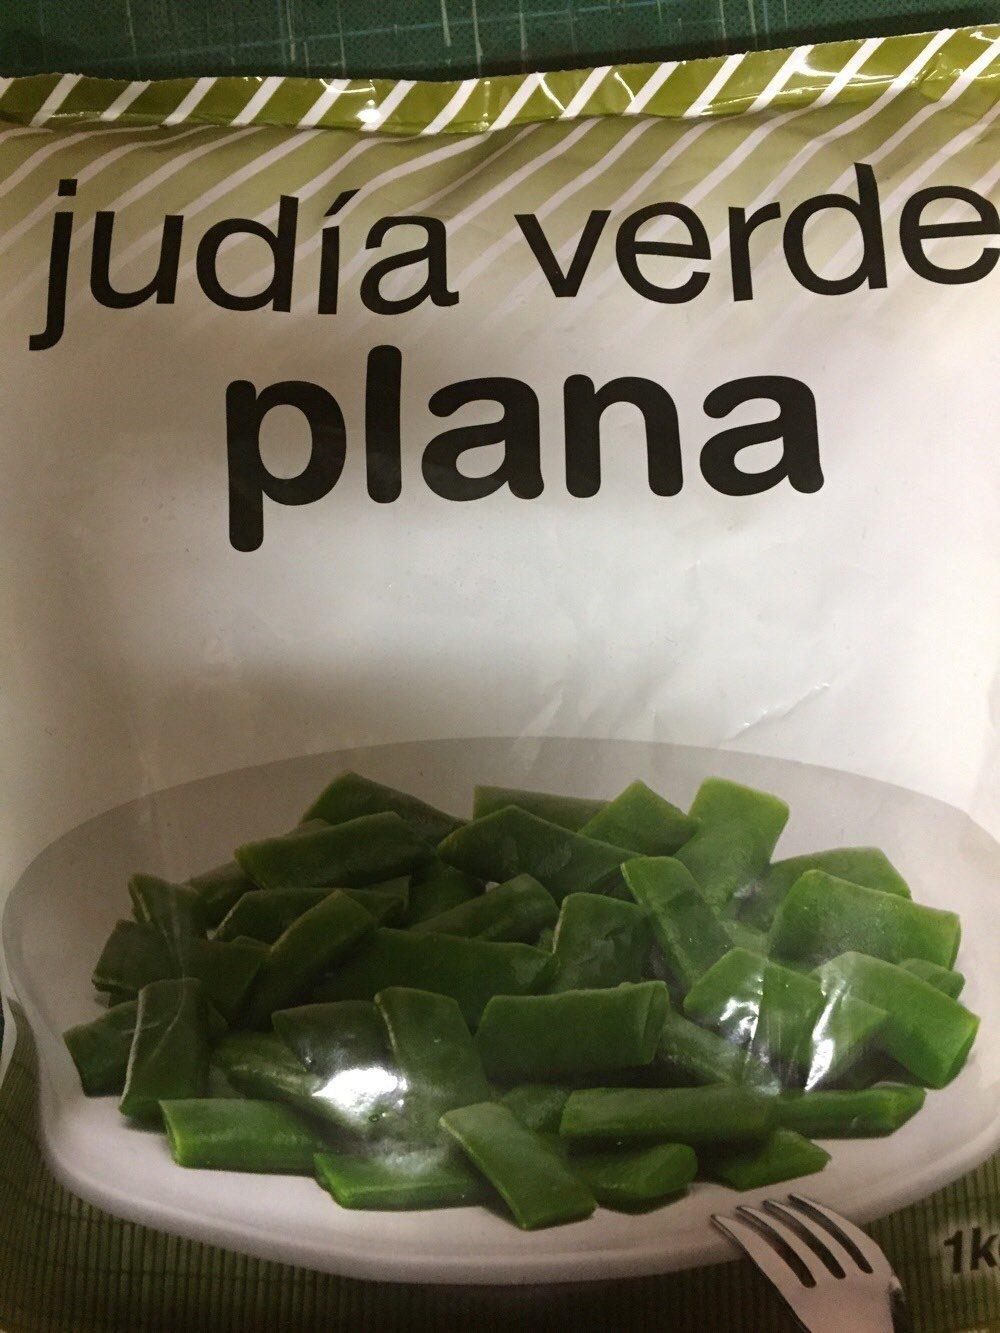 Judía verde plana - Product